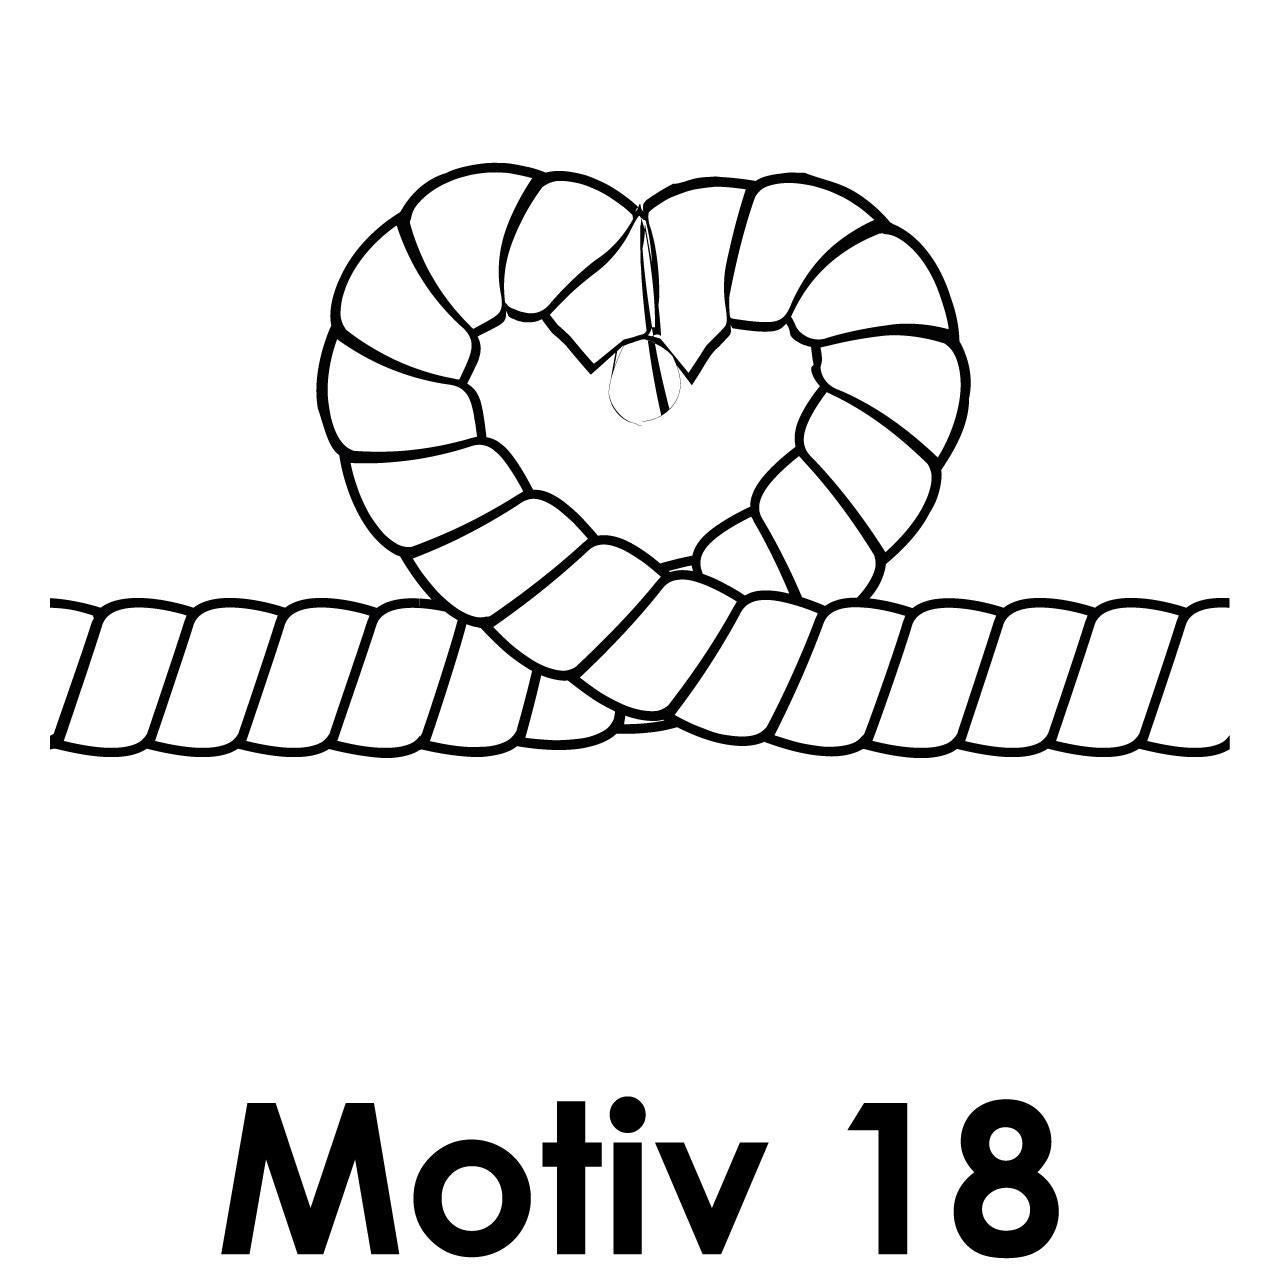 Motiv18